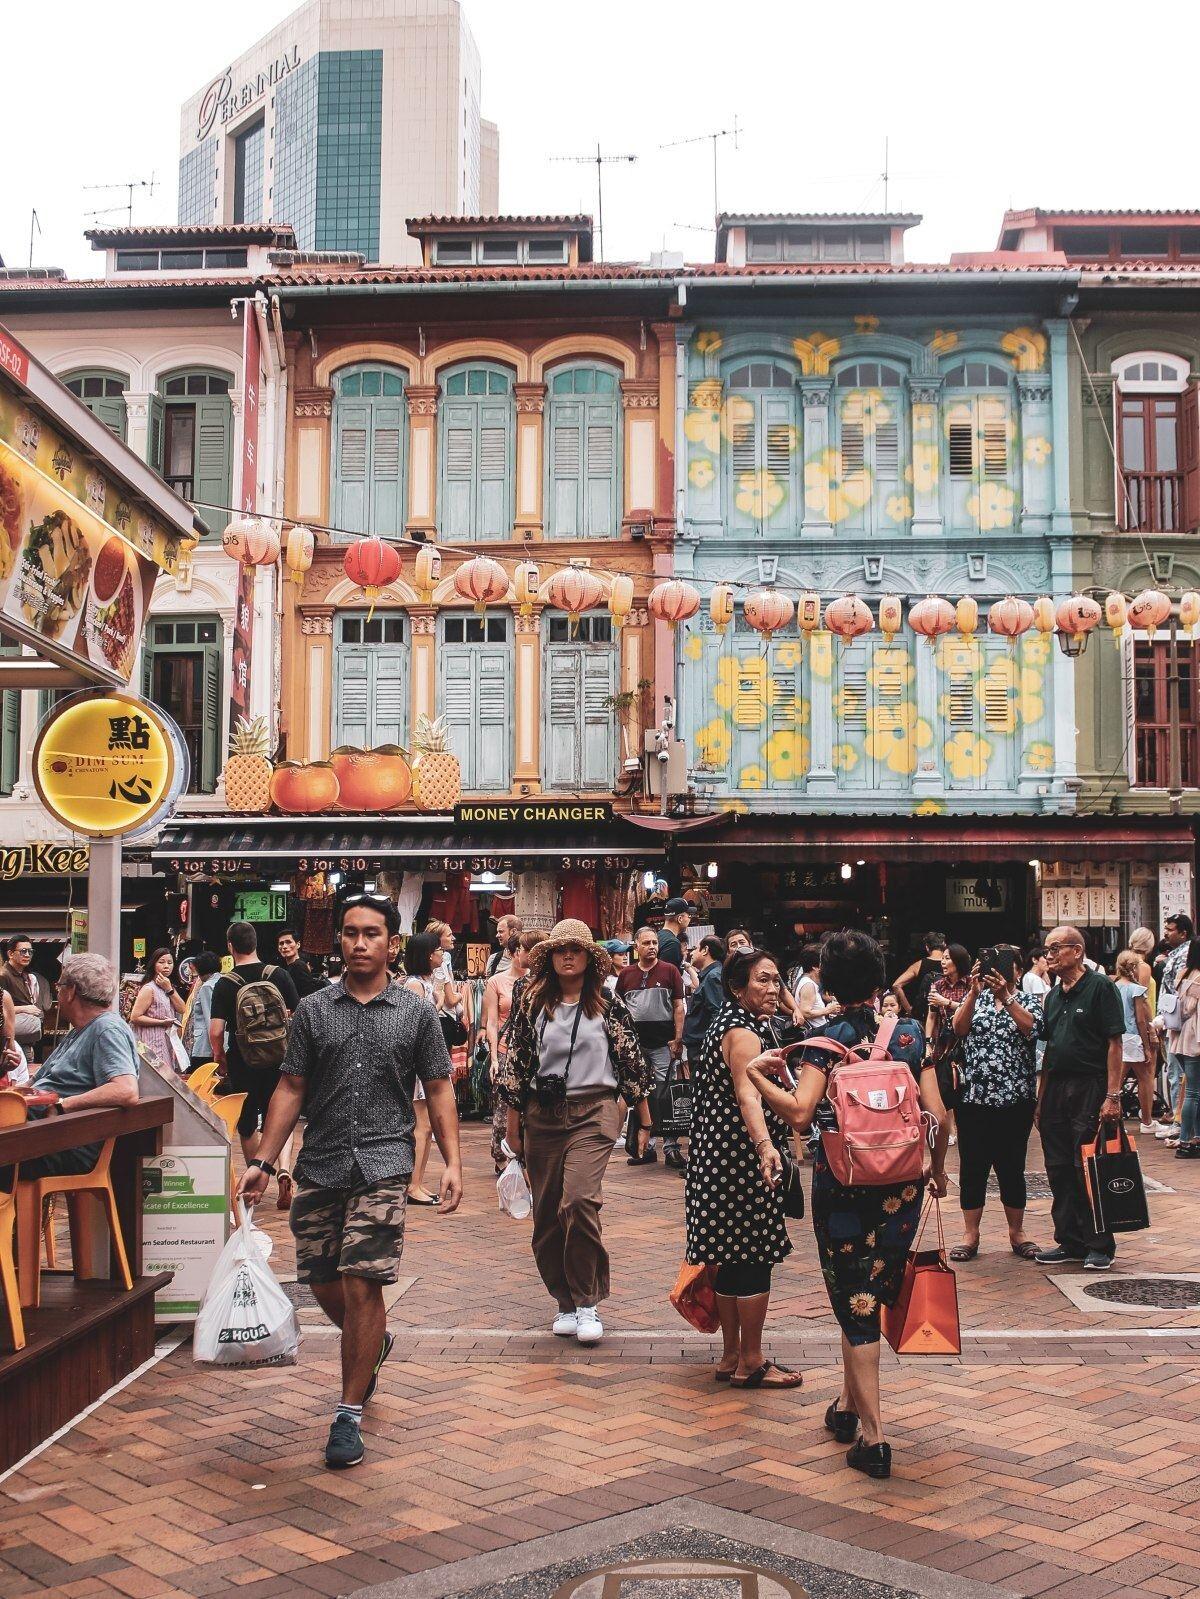 People walking at a Singaporean street.